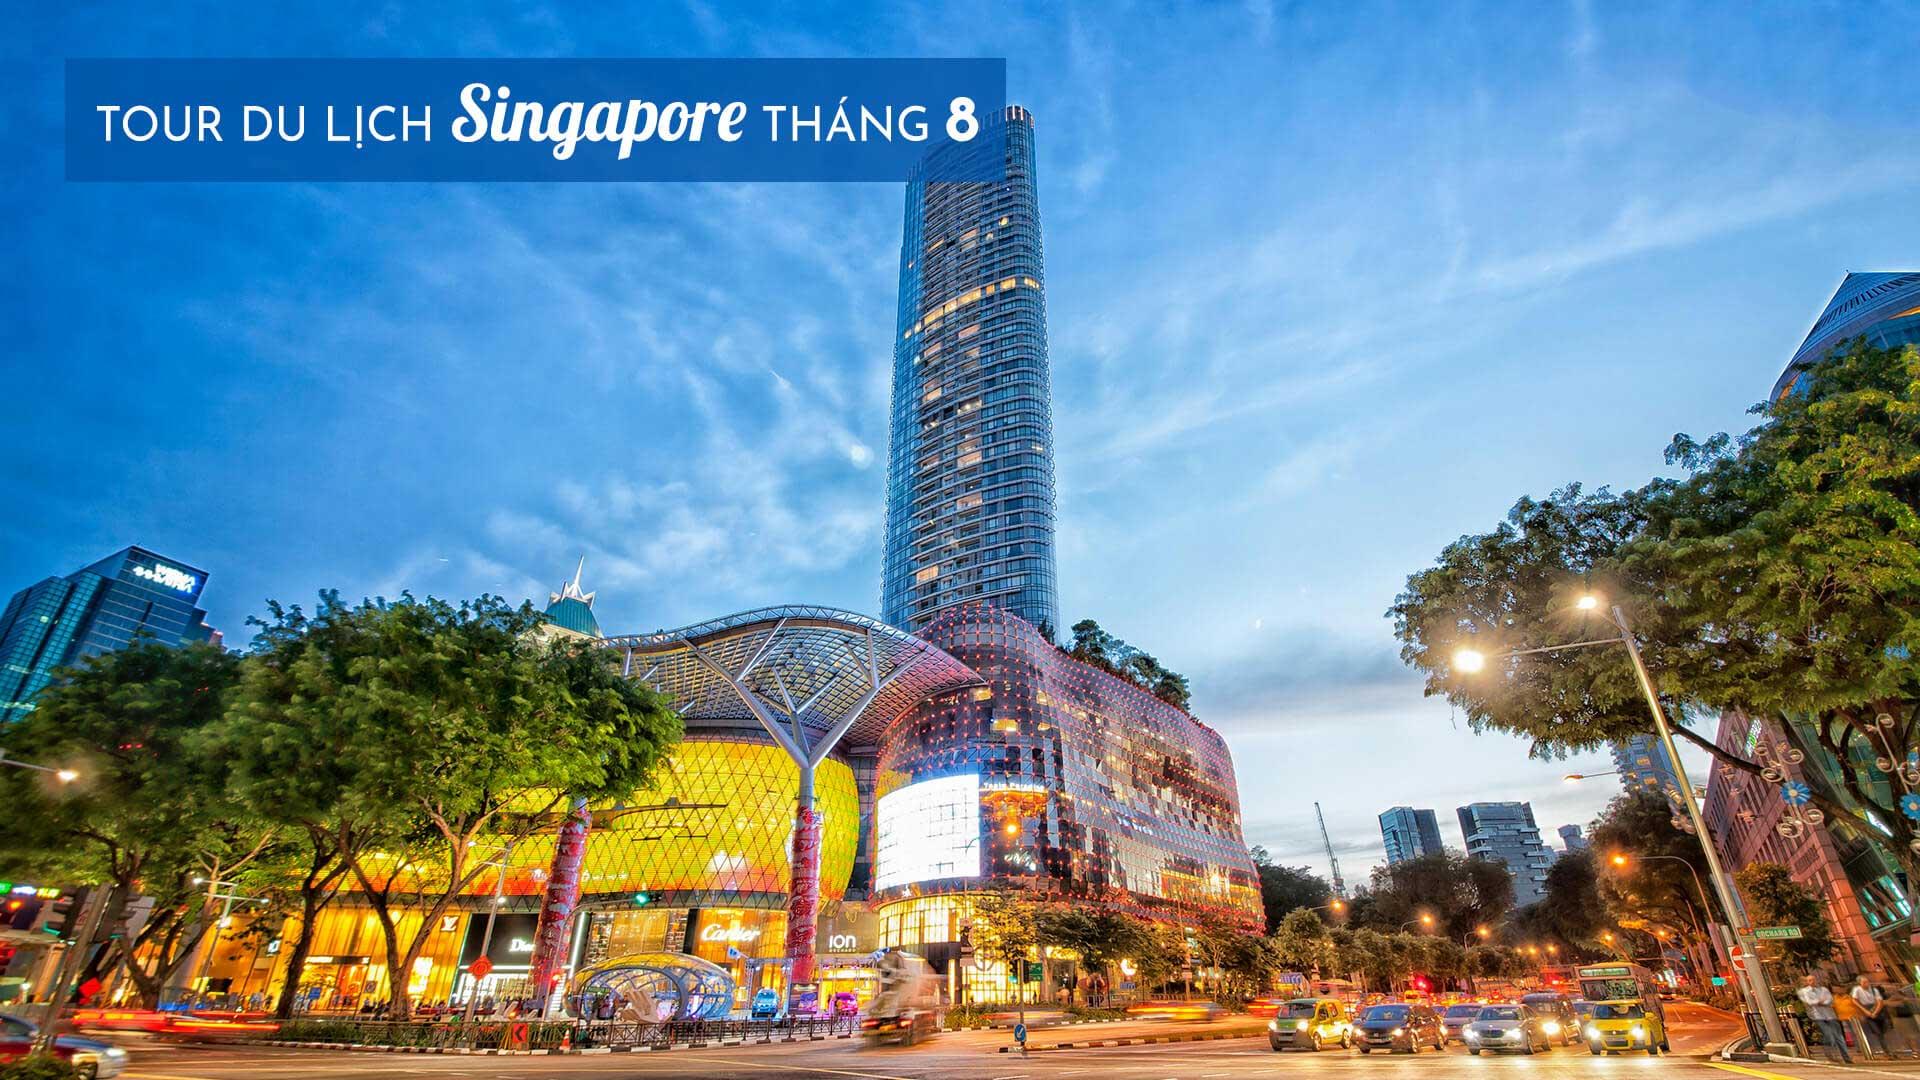 Kinh nghiệm và lịch trình tour du lịch Singapore tháng 8 ĐẦY ĐỦ NHẤT